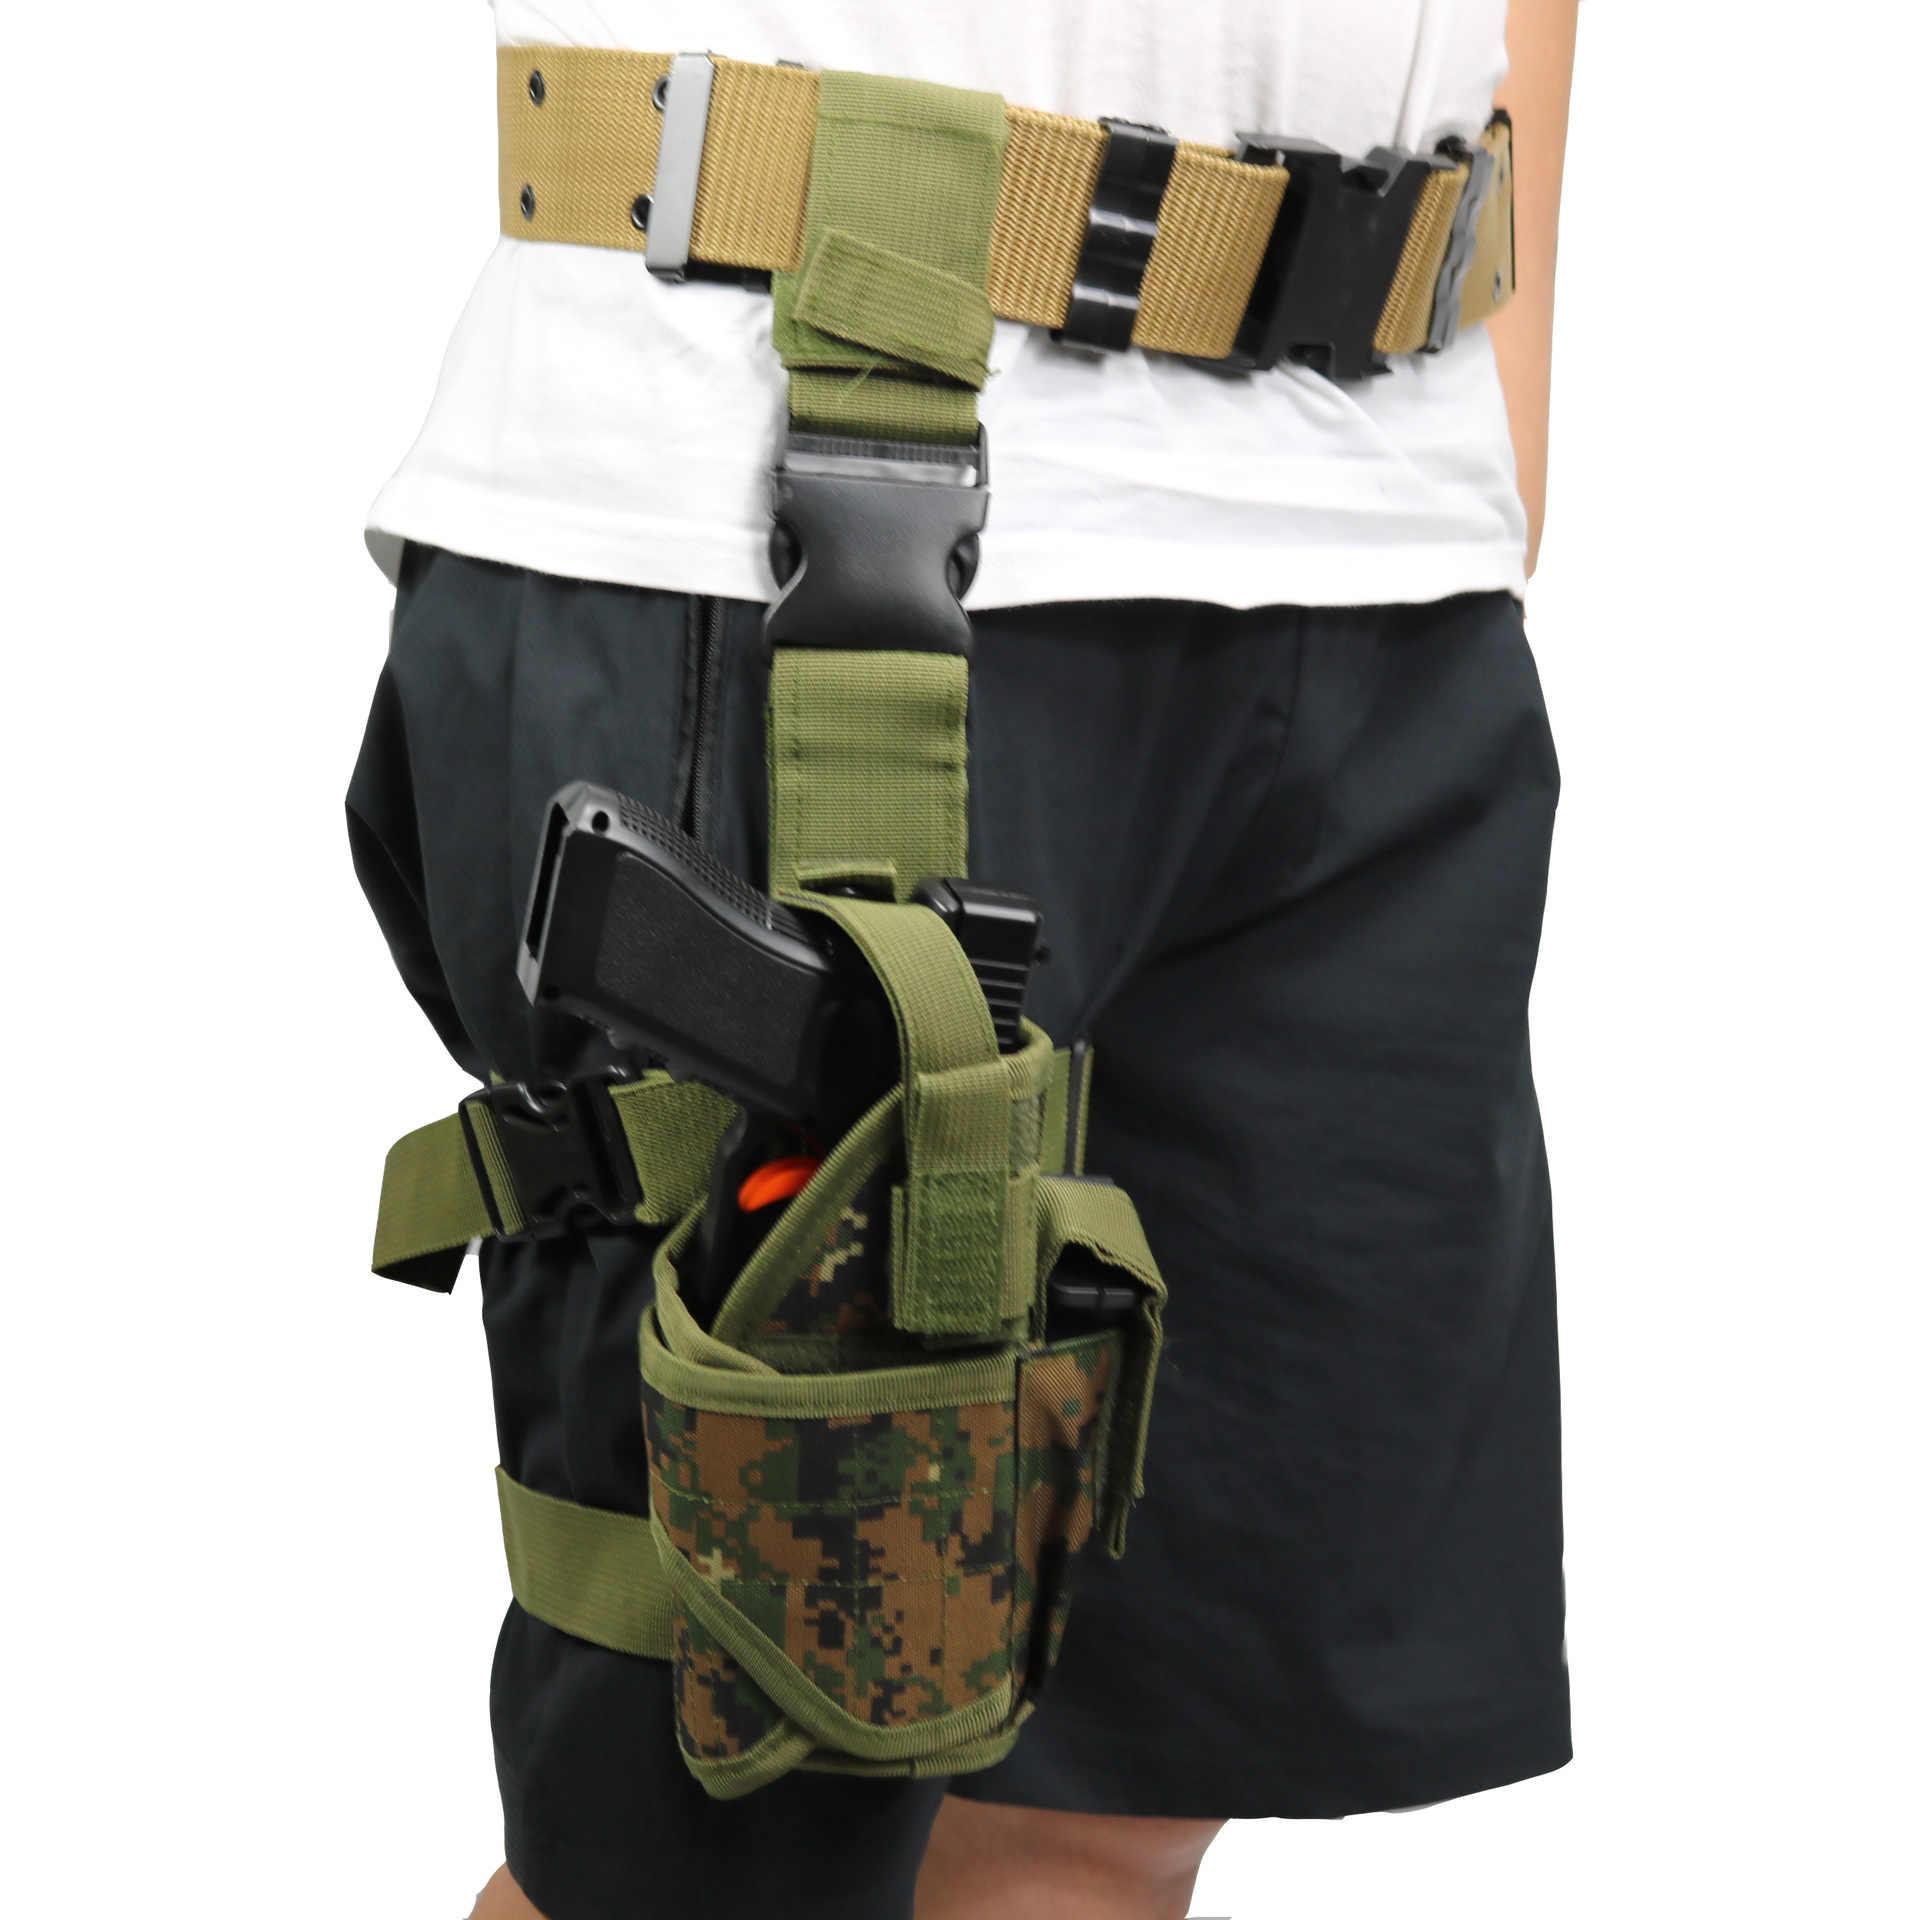 טקטי אקדח נרתיק גלוק אקדח נרתיק אקדח Airsoft גלוק אקדח מקרה Pistolas ארמא דה פואגו רגל ירך נרתיק cuisse